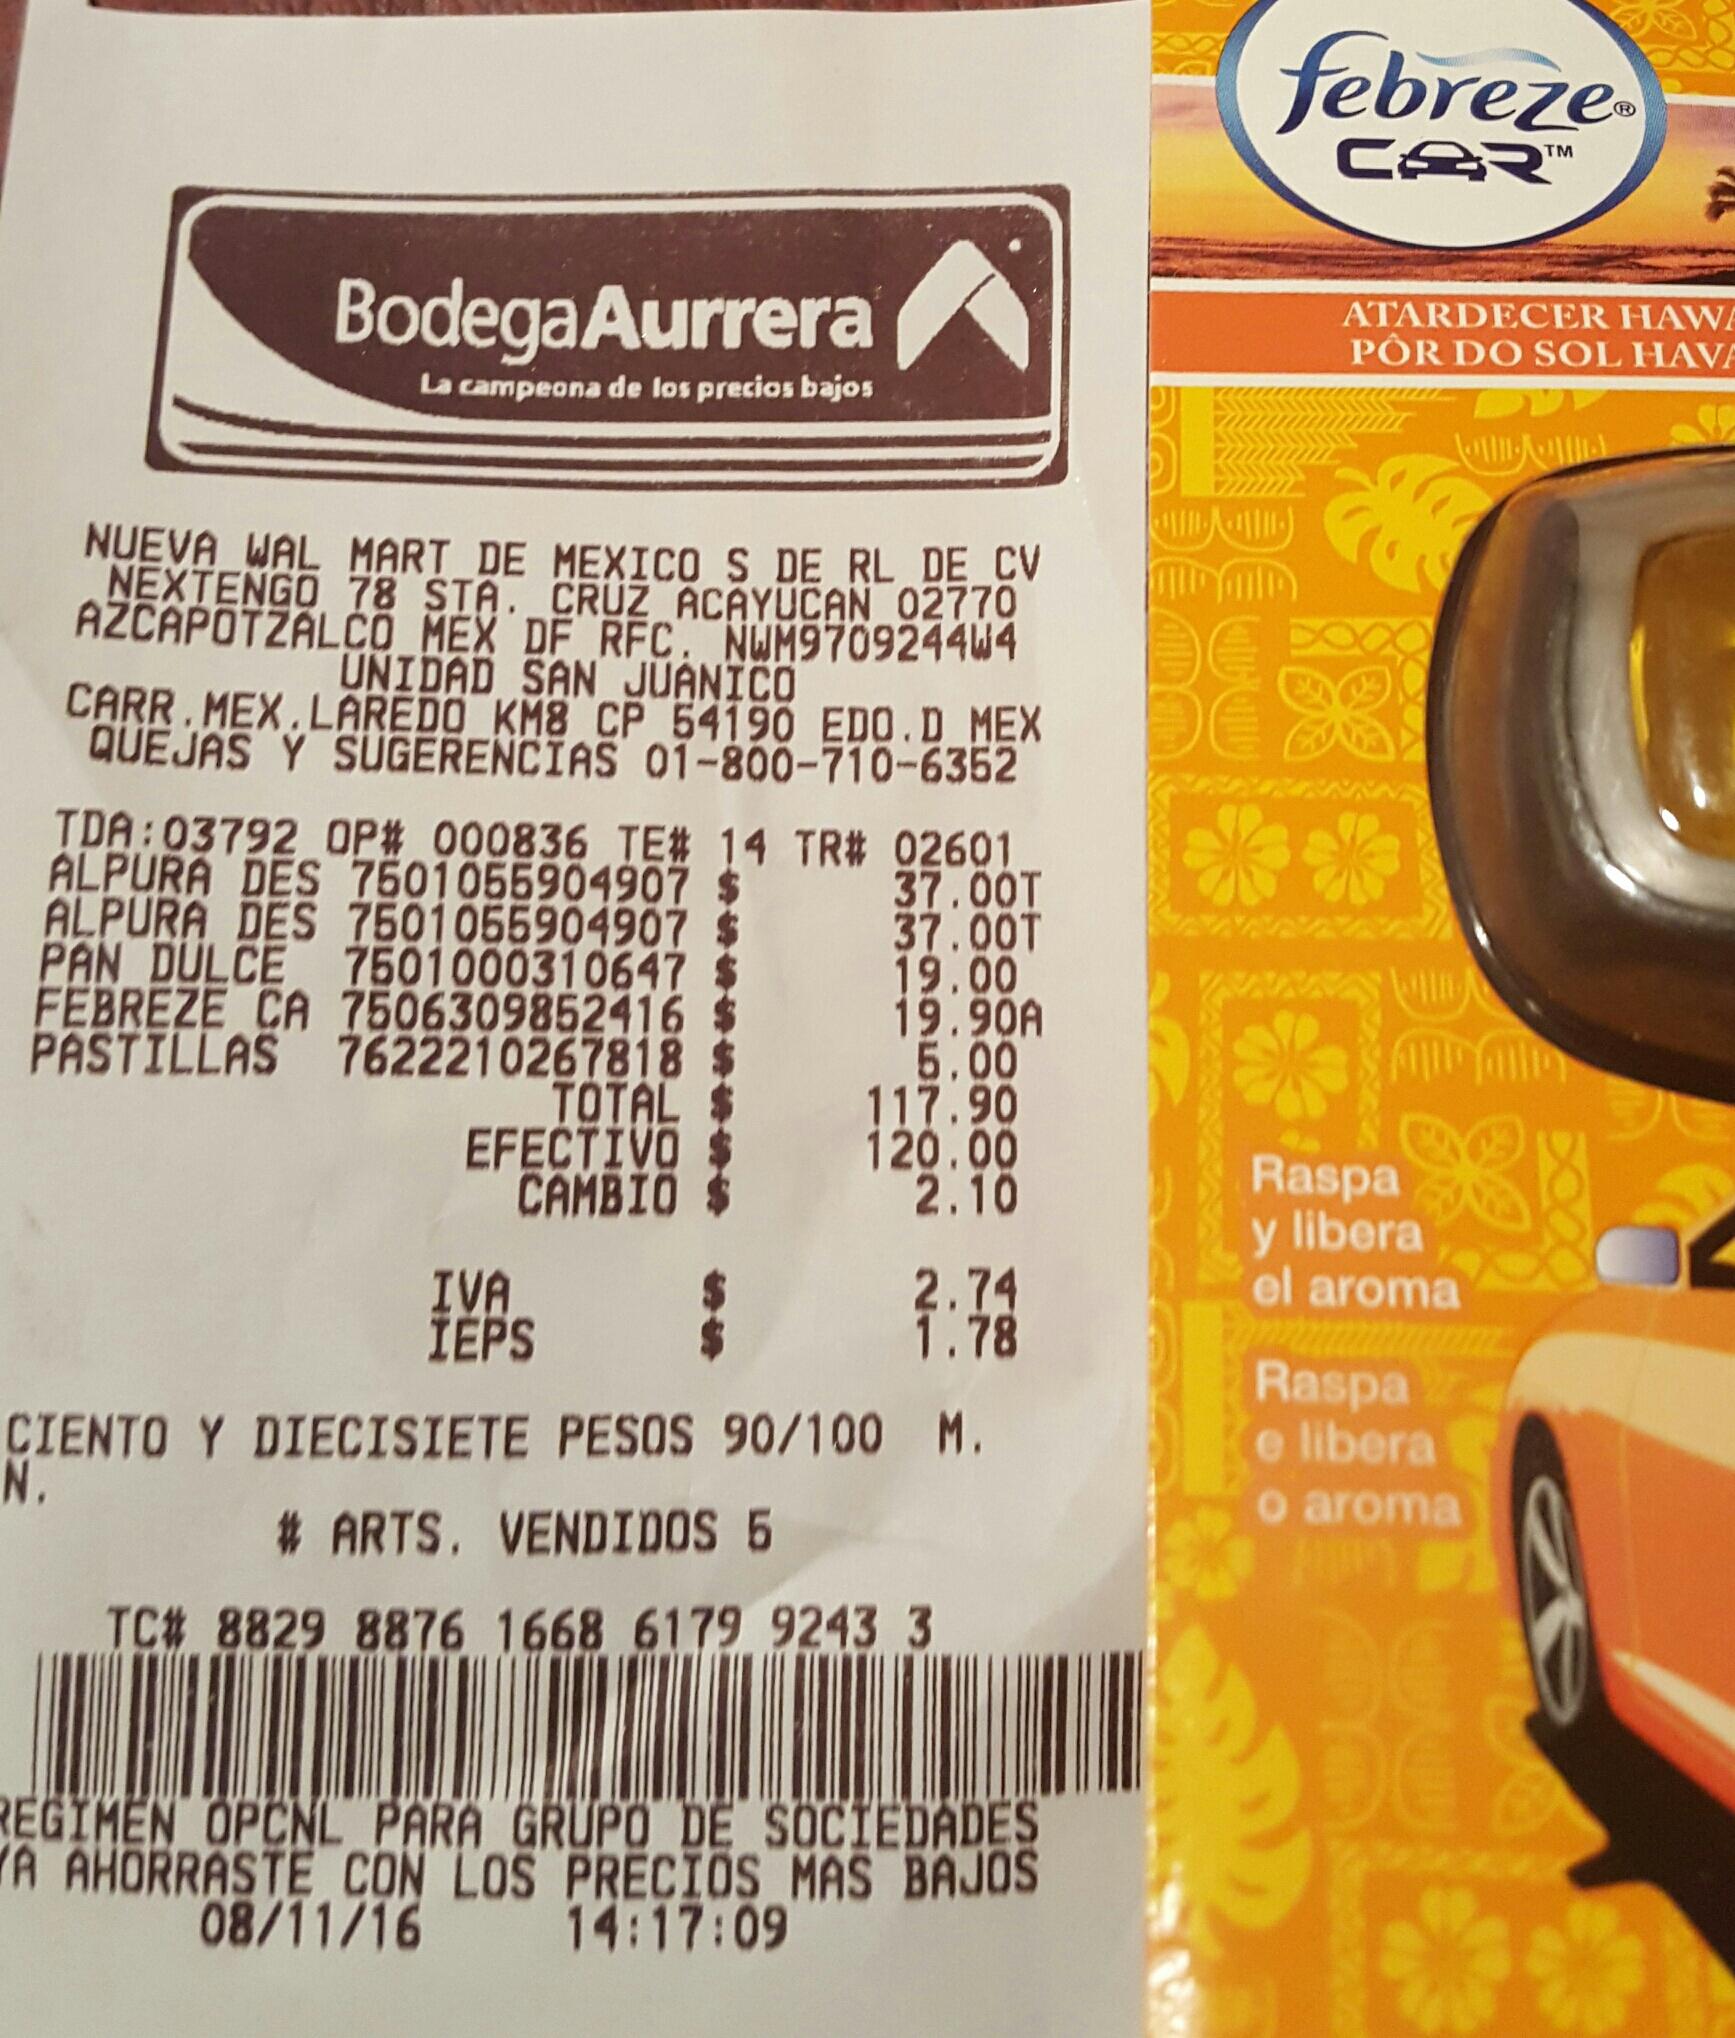 Bodega Aurrerá San Juanico: desodorante febreze para carro a $19.90